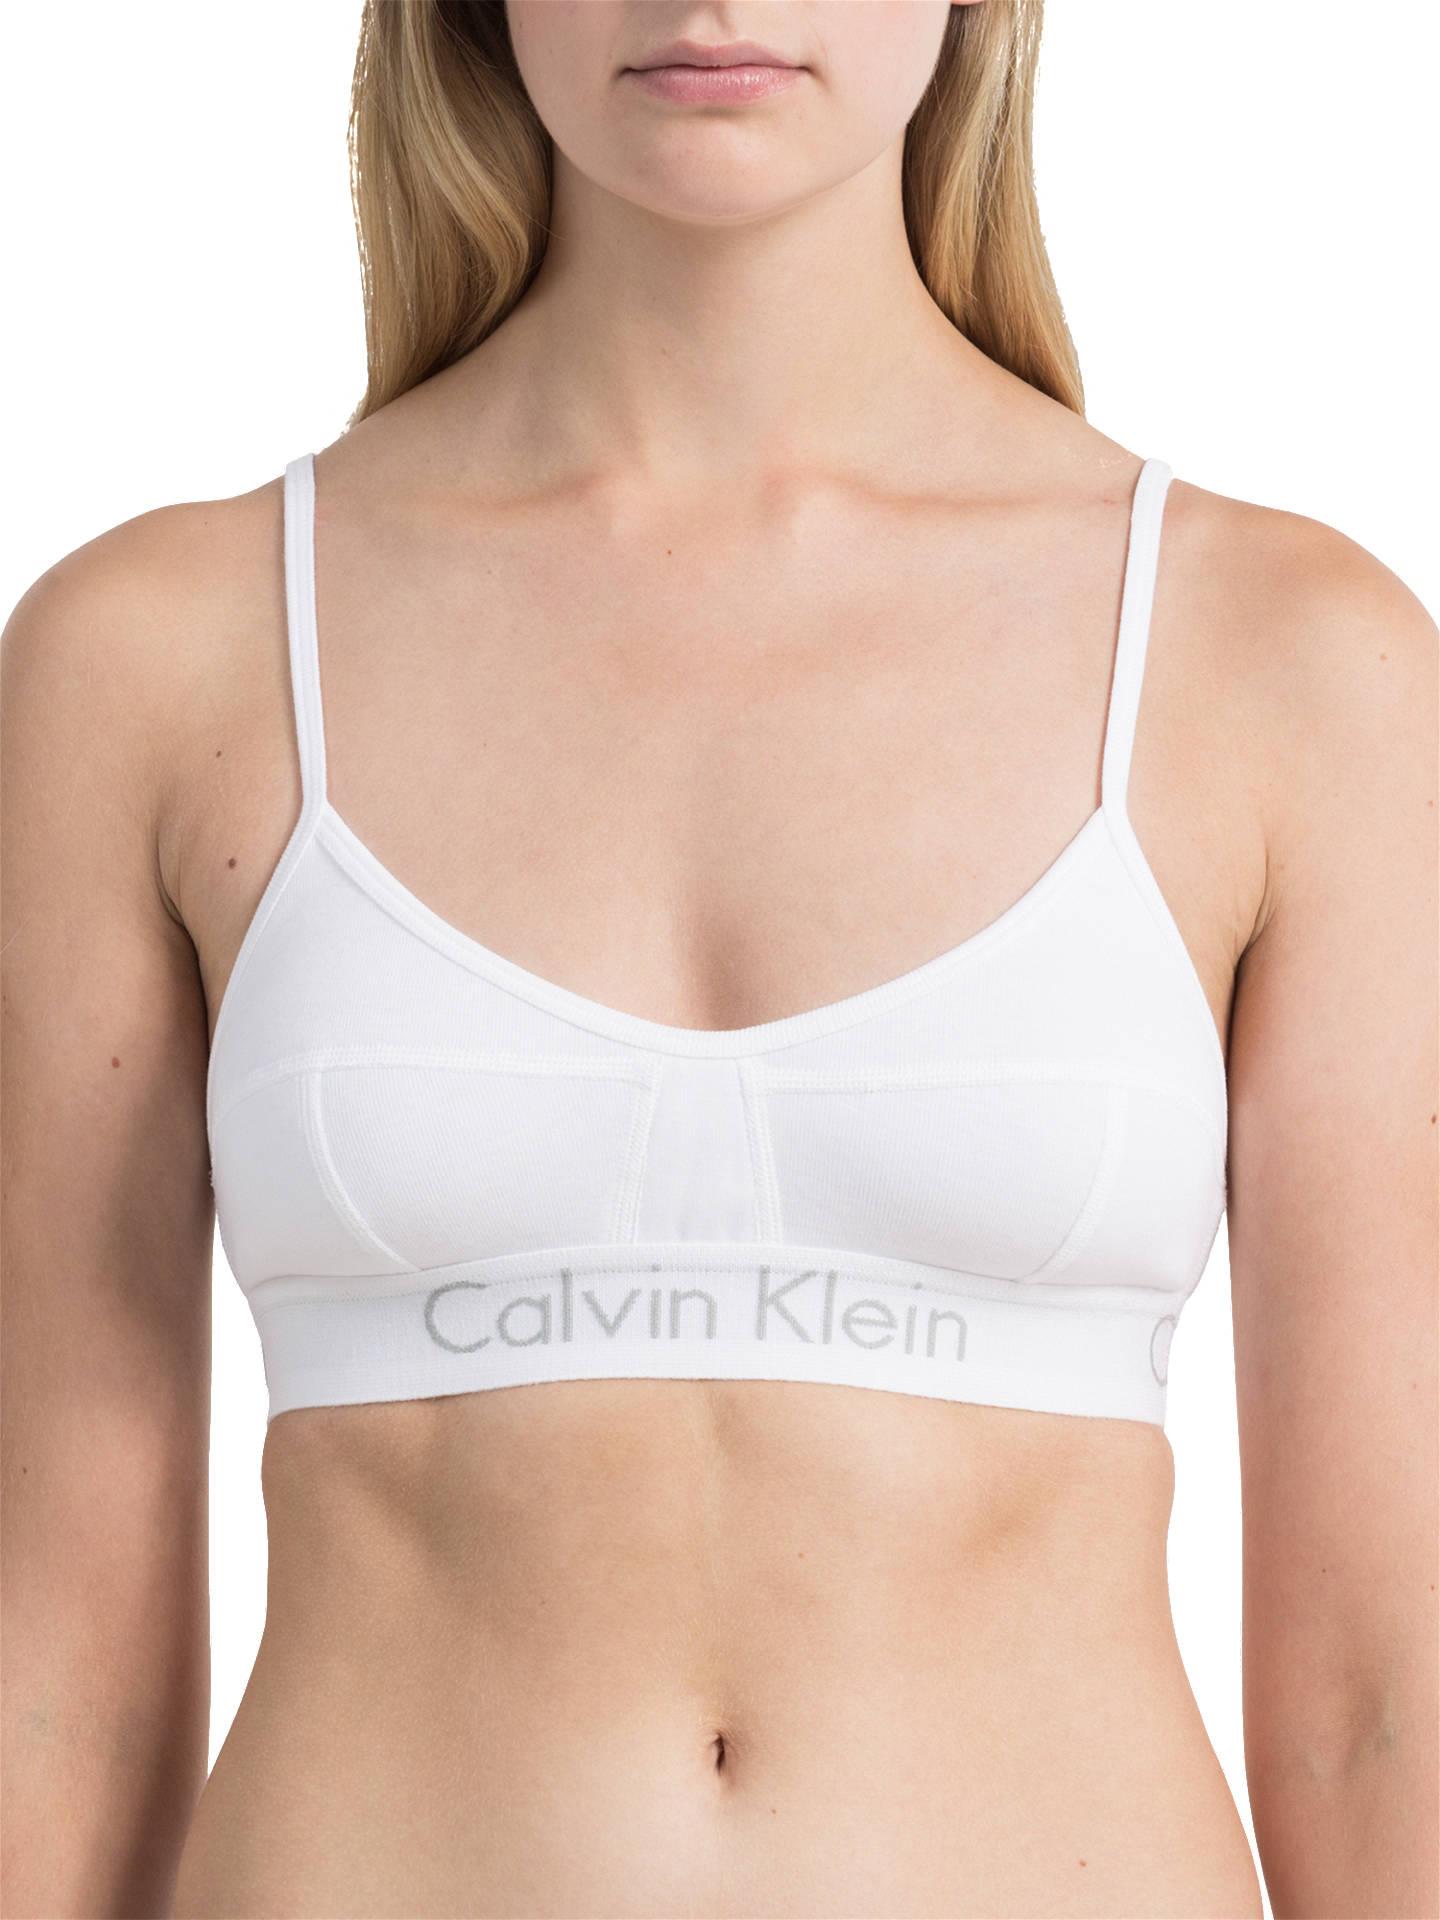 a46128a362b815 Buy Calvin Klein Underwear Body Bralette